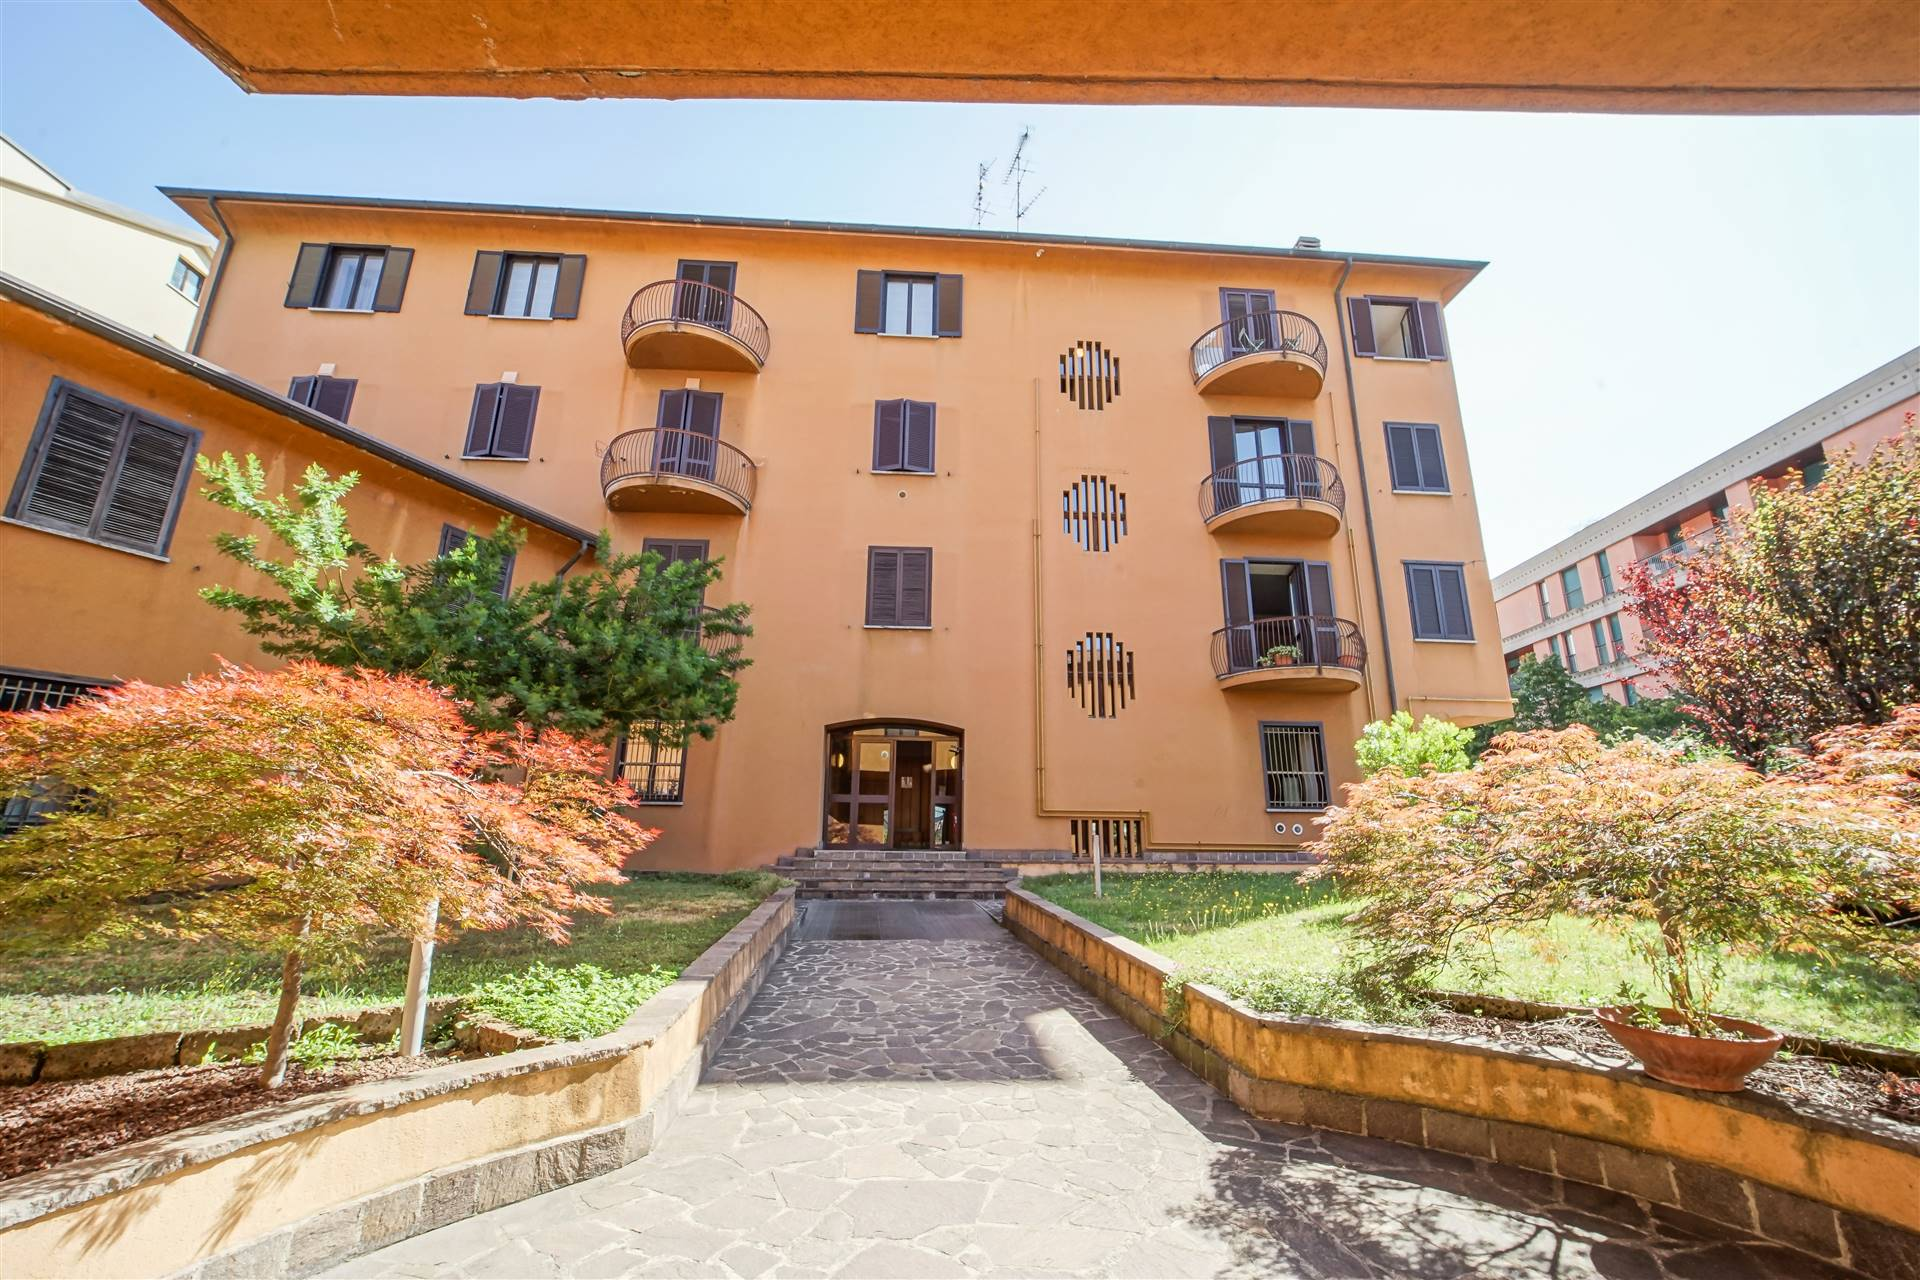 Ufficio / Studio in vendita a Lecco, 3 locali, zona Zona: Castello, prezzo € 130.000 | CambioCasa.it